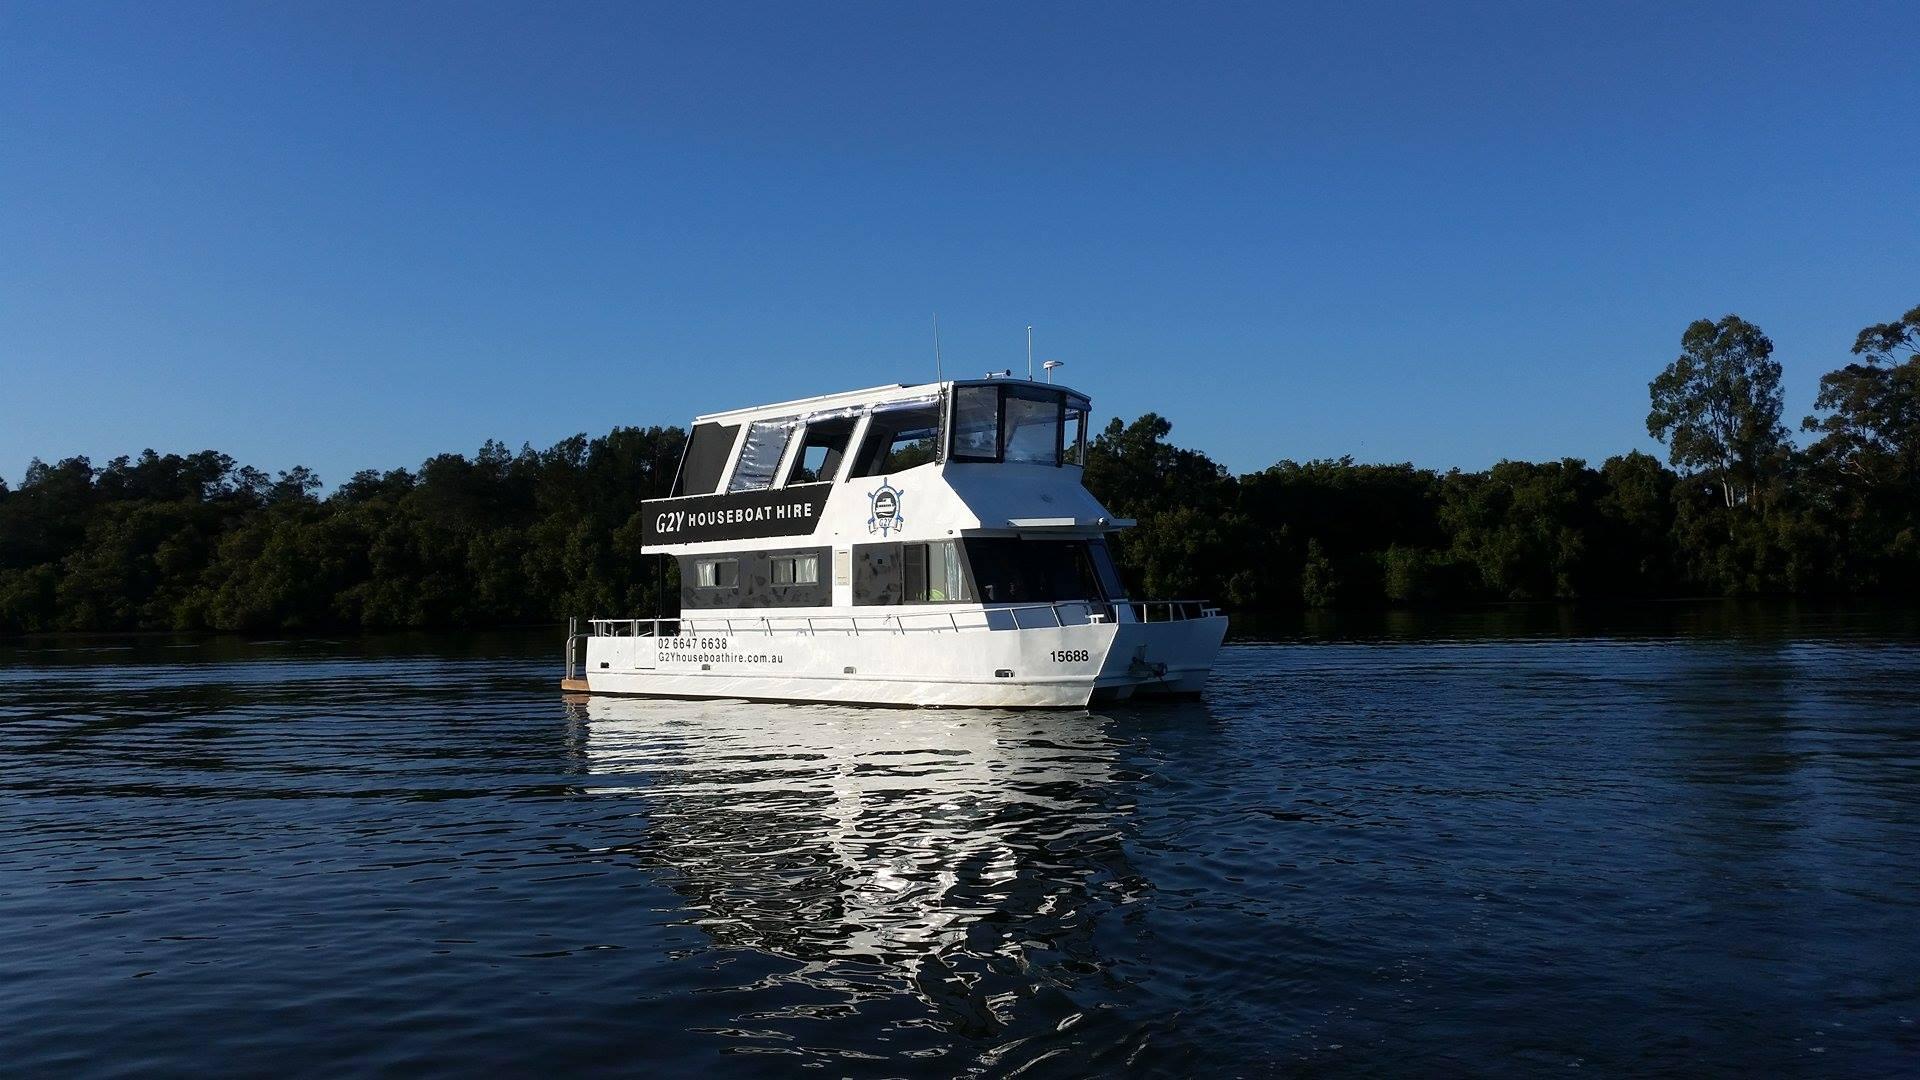 Idyll Daze - G2Y houseboats